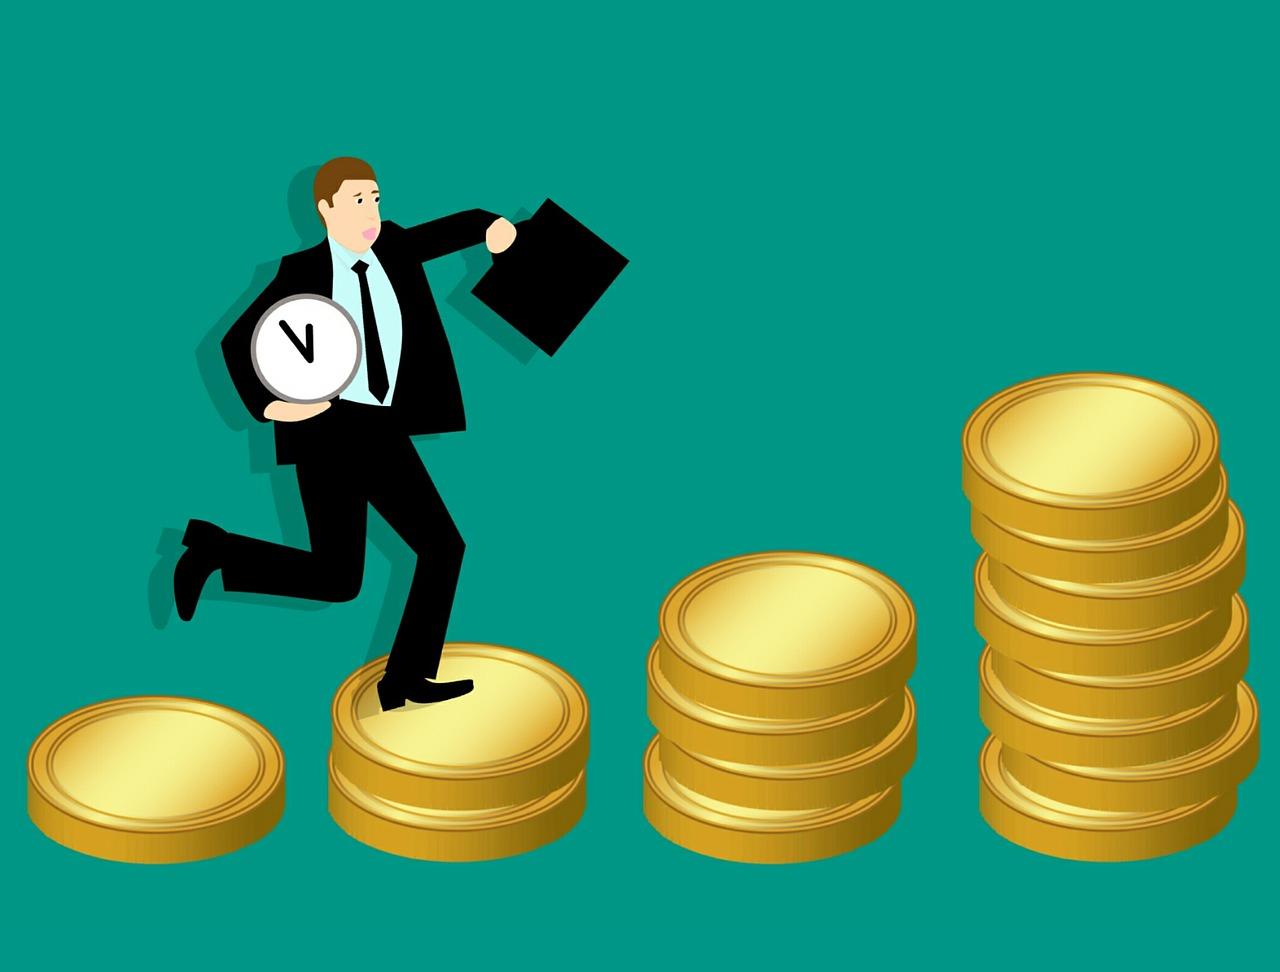 ビジネスで収入を増やしていく人のイラスト